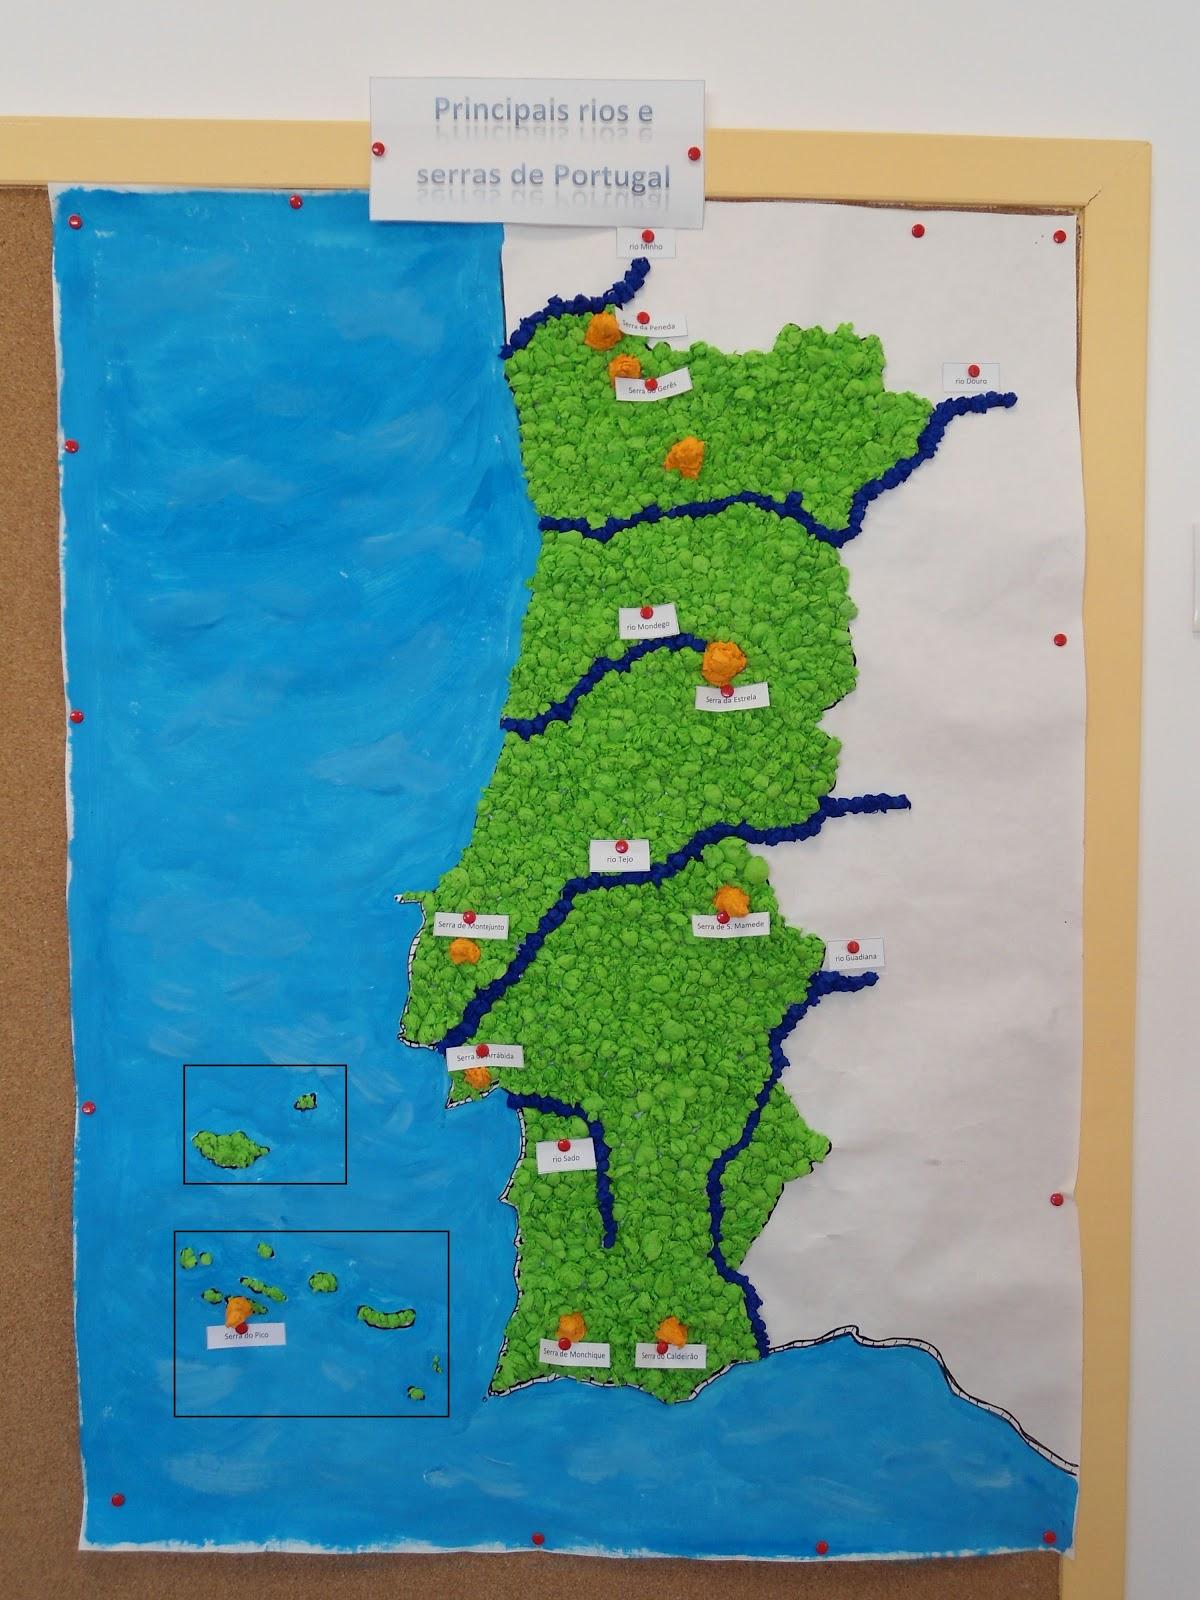 mapa de rios e serras de portugal Centro Escolar de Santa Margarida: Mais uma atividade mapa de rios e serras de portugal